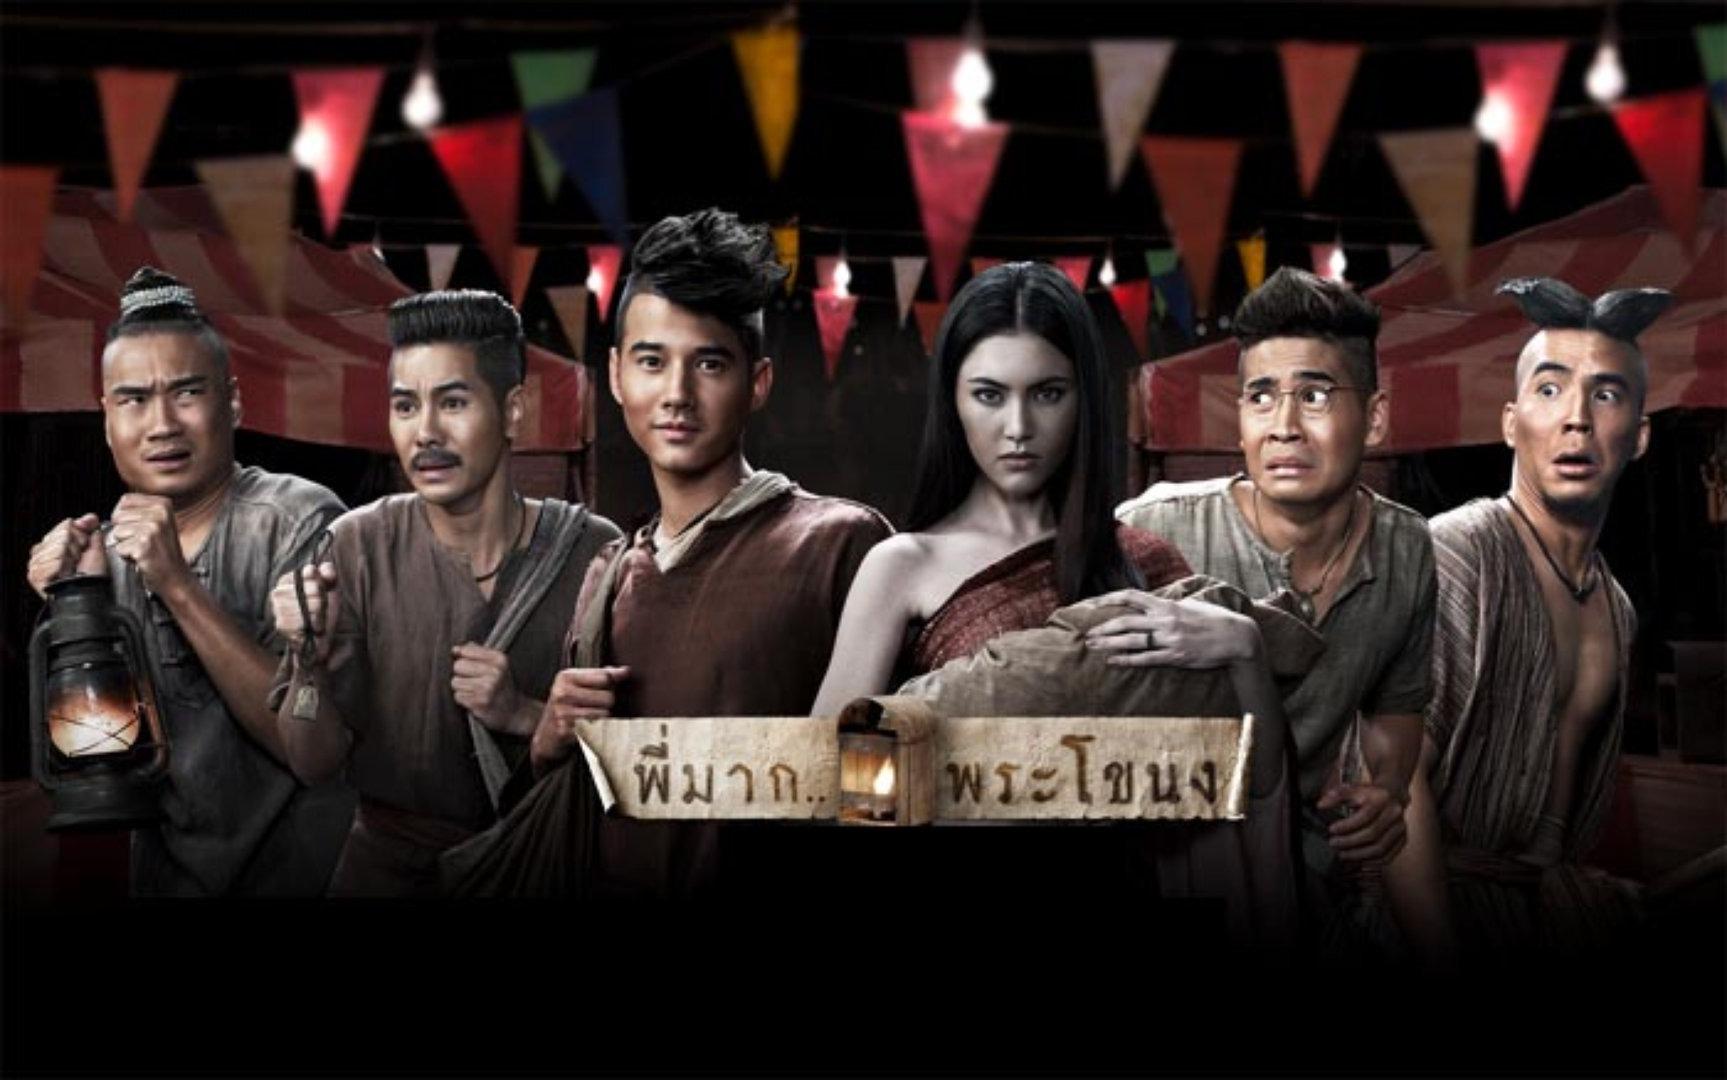 รีวิวหนังผีไทยตลก เรื่อง พี่มาก..พระโขนง ปี 2557